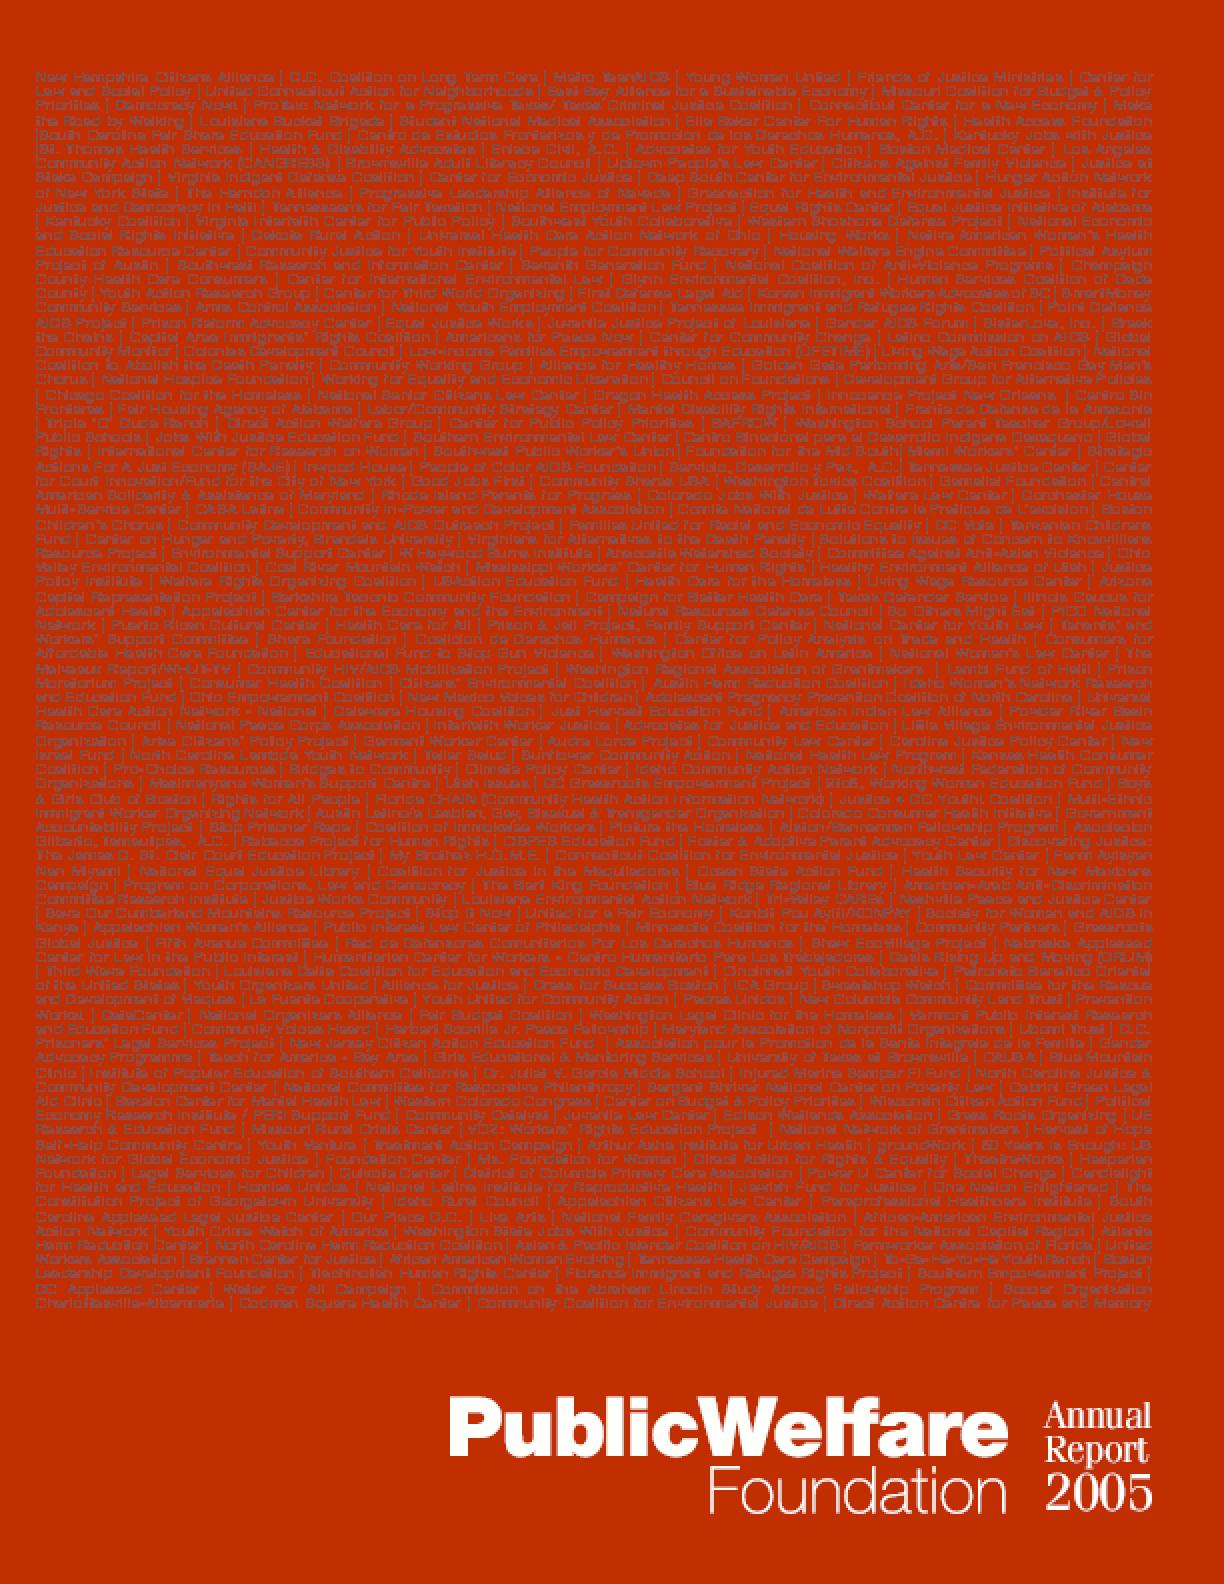 Public Welfare Foundation - 2005 Annual Report